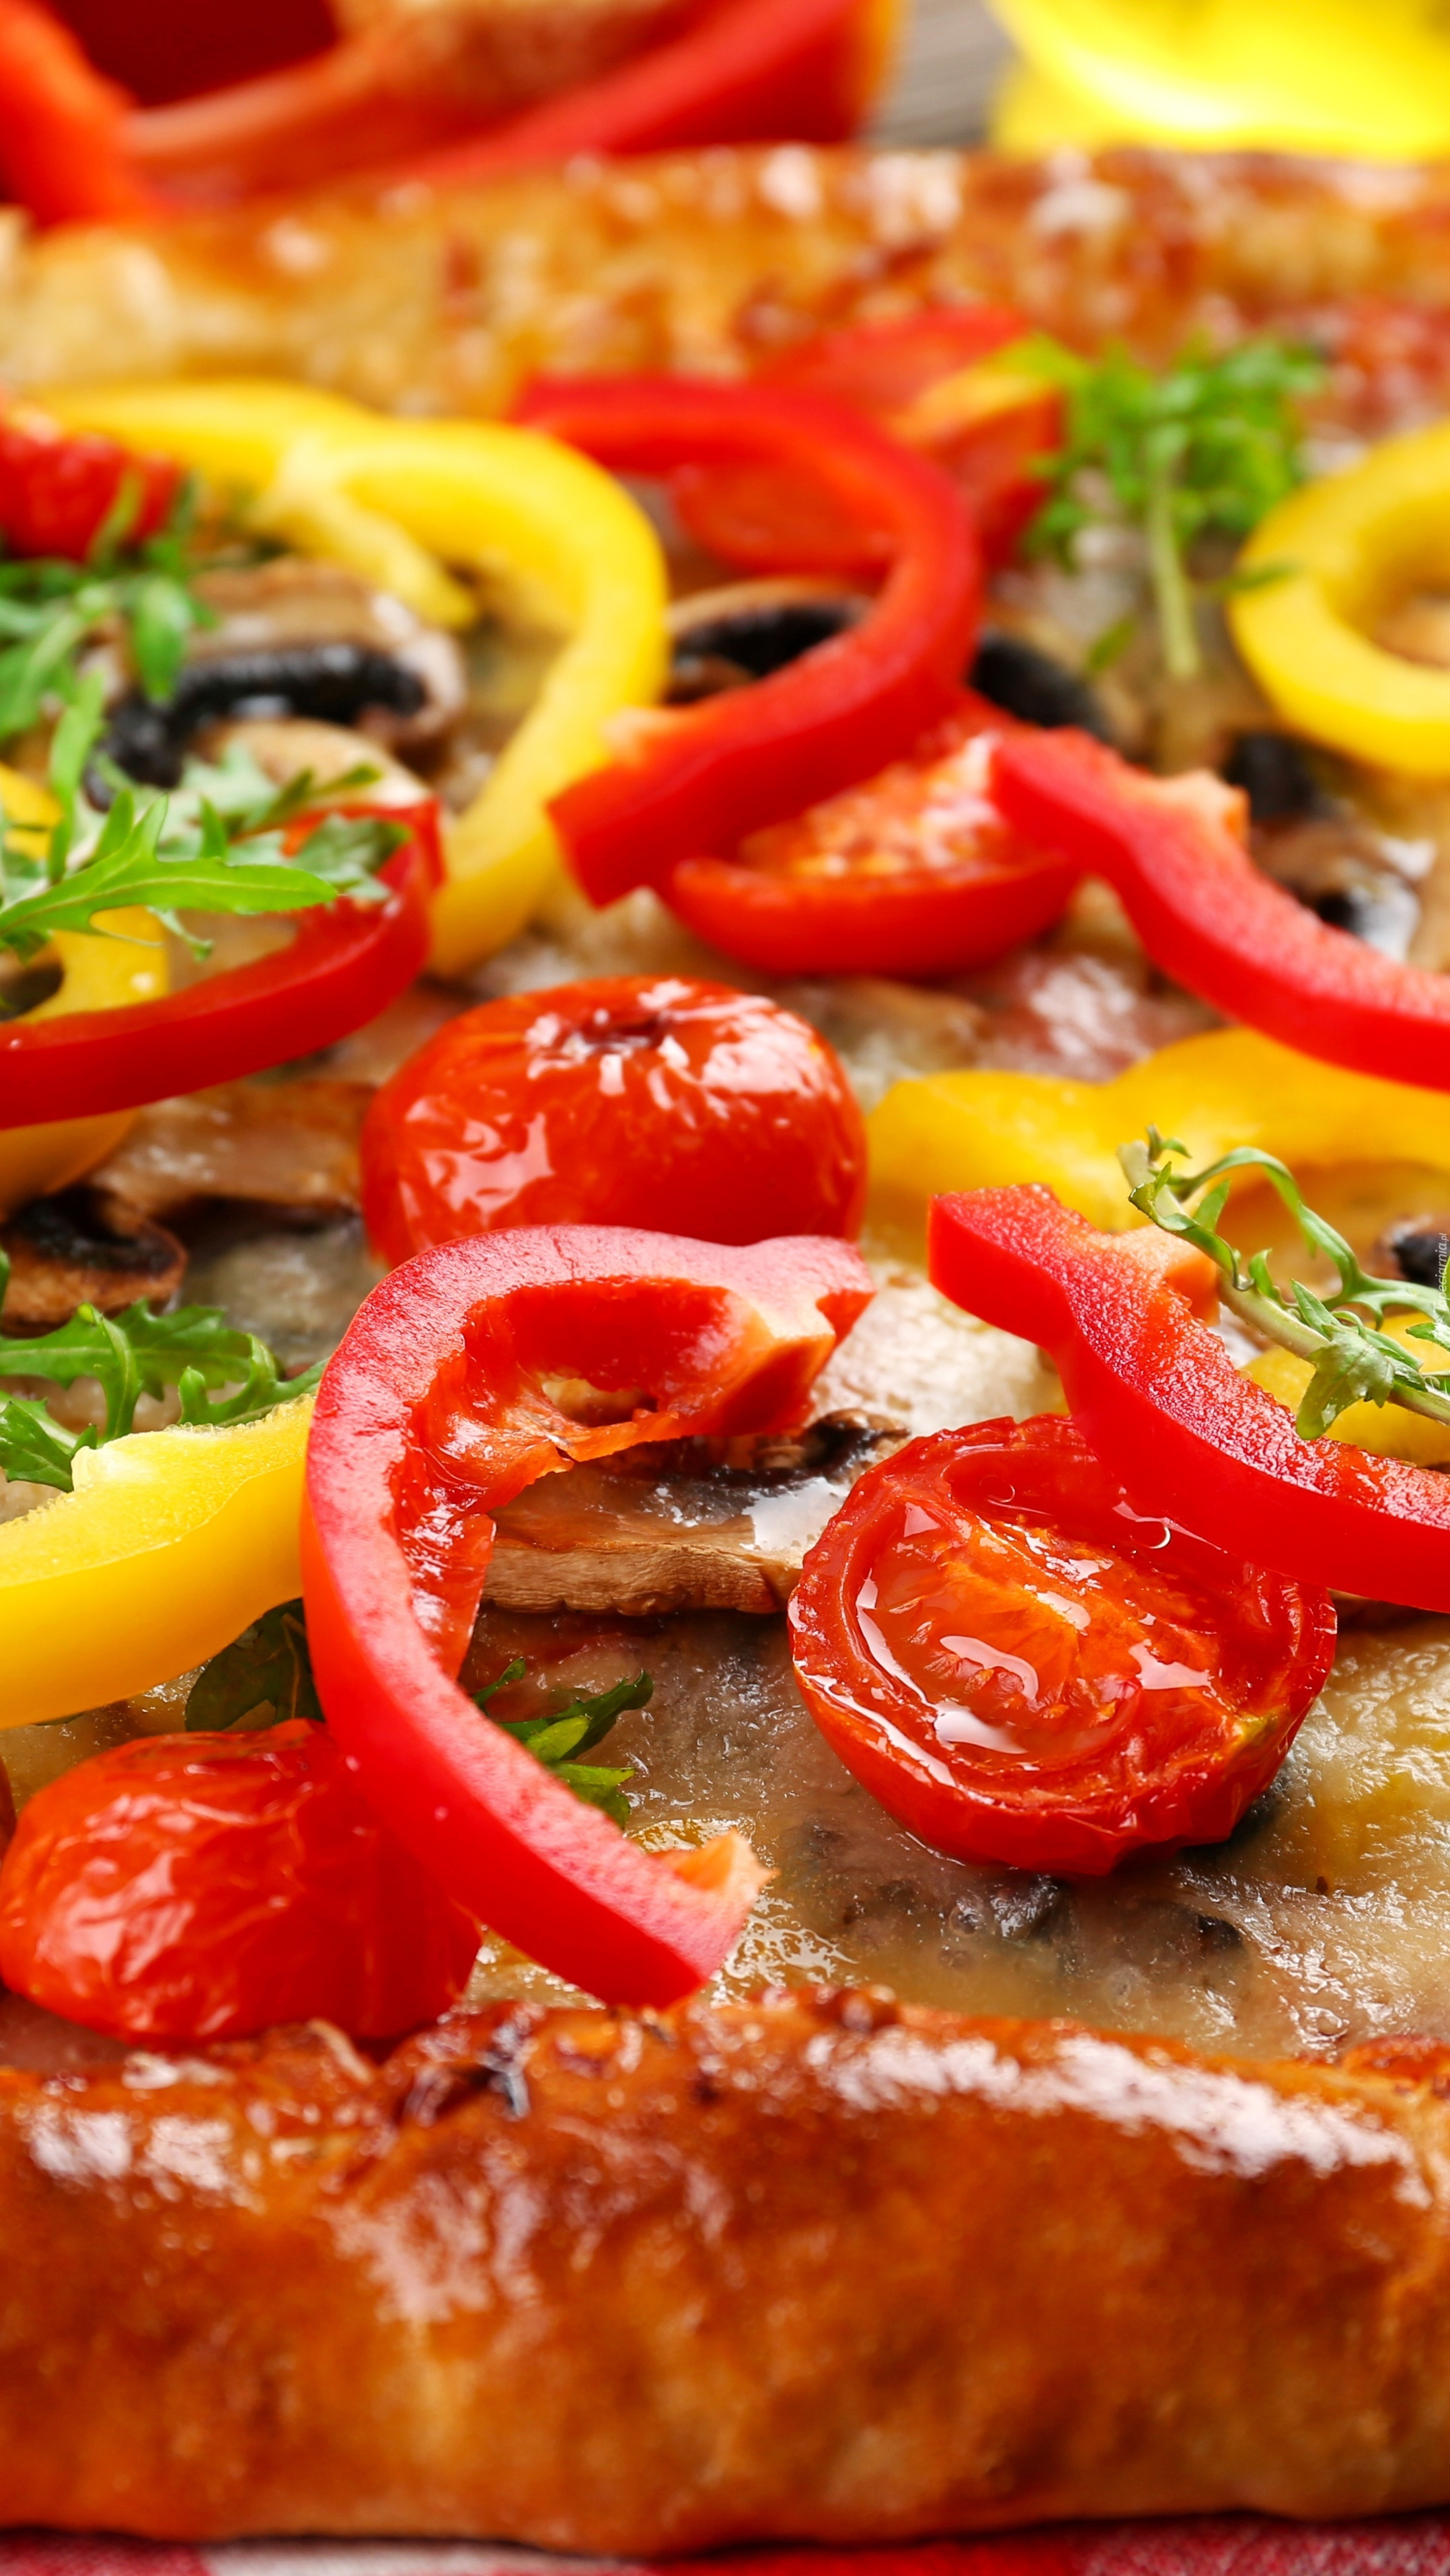 Czerwona i żółta papryka na pizzy